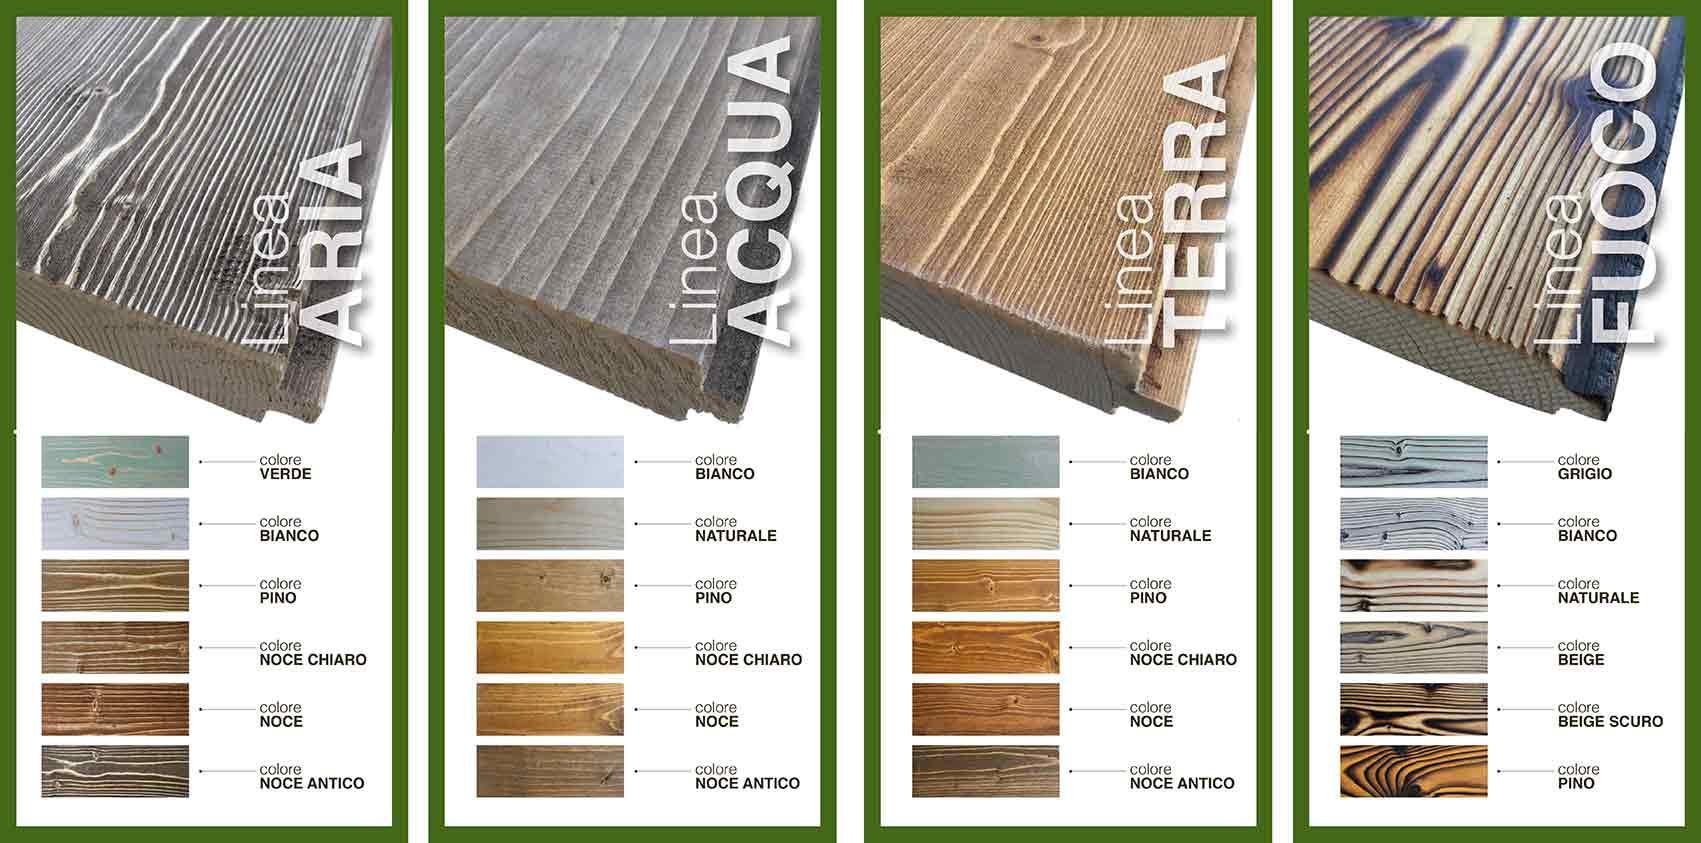 Colori Tetti Legno Lamellare legnami e materiali edili srl - prodotti - travi in legno